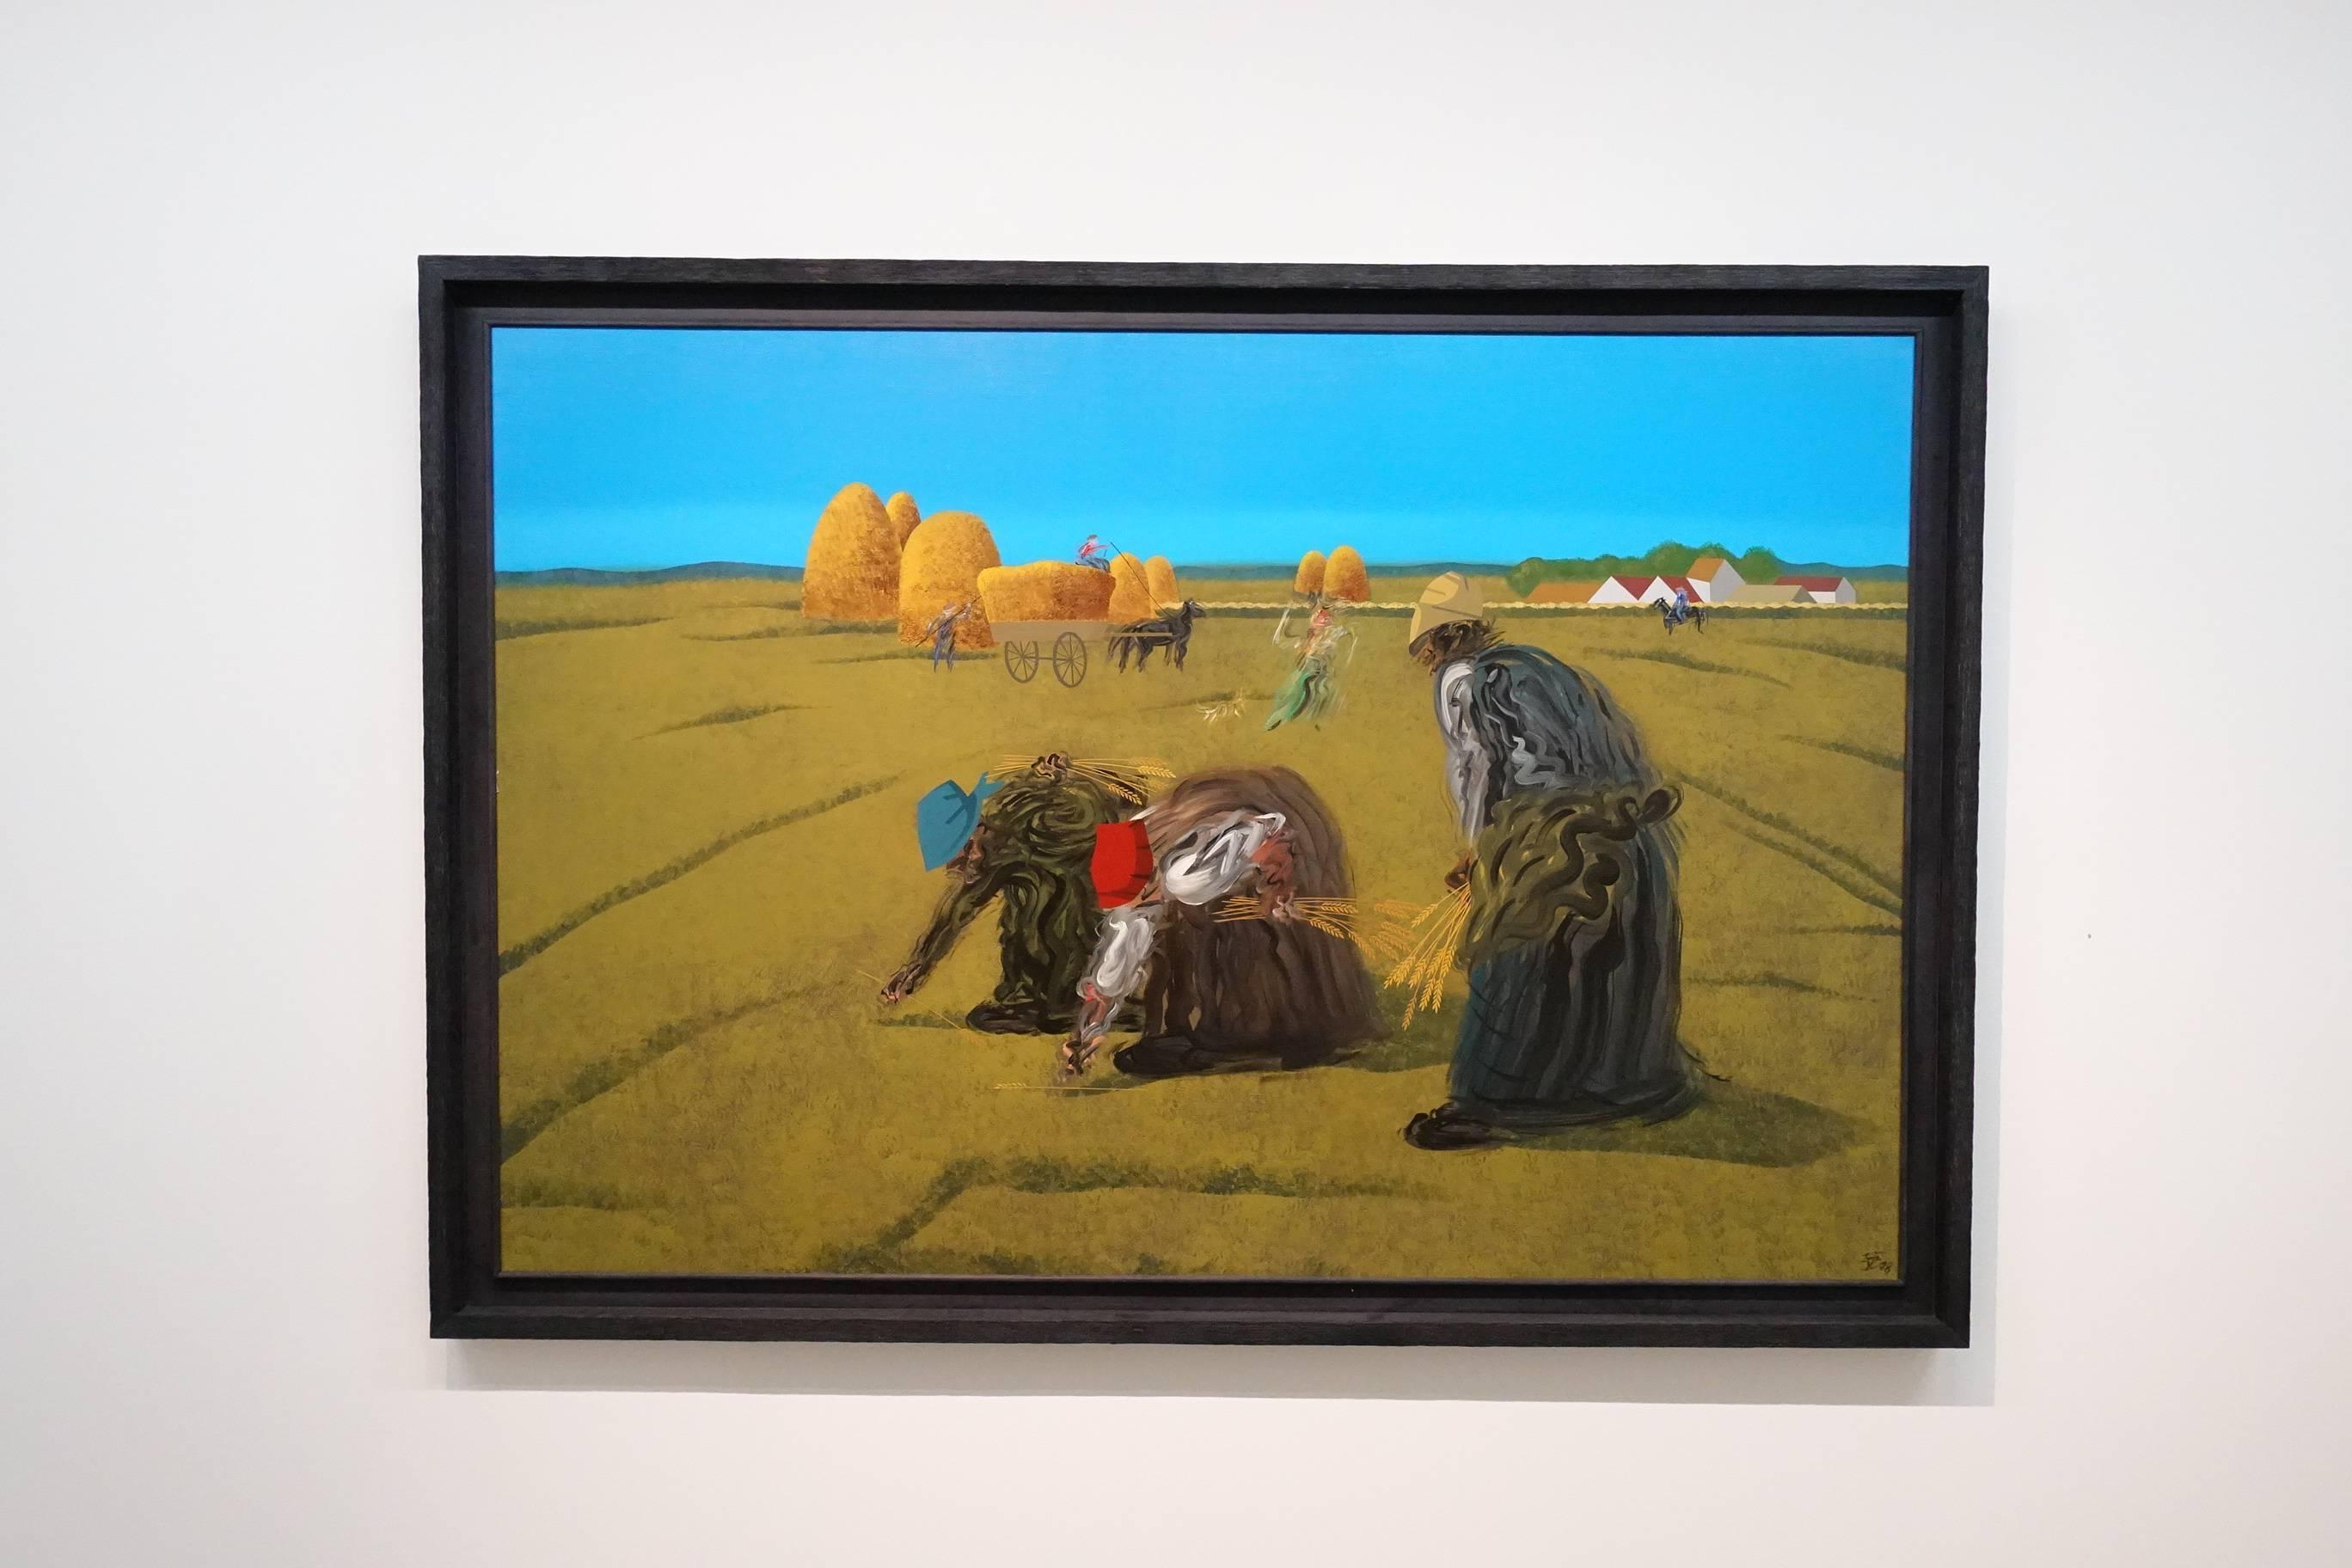 夏陽,拾穗,1998年。